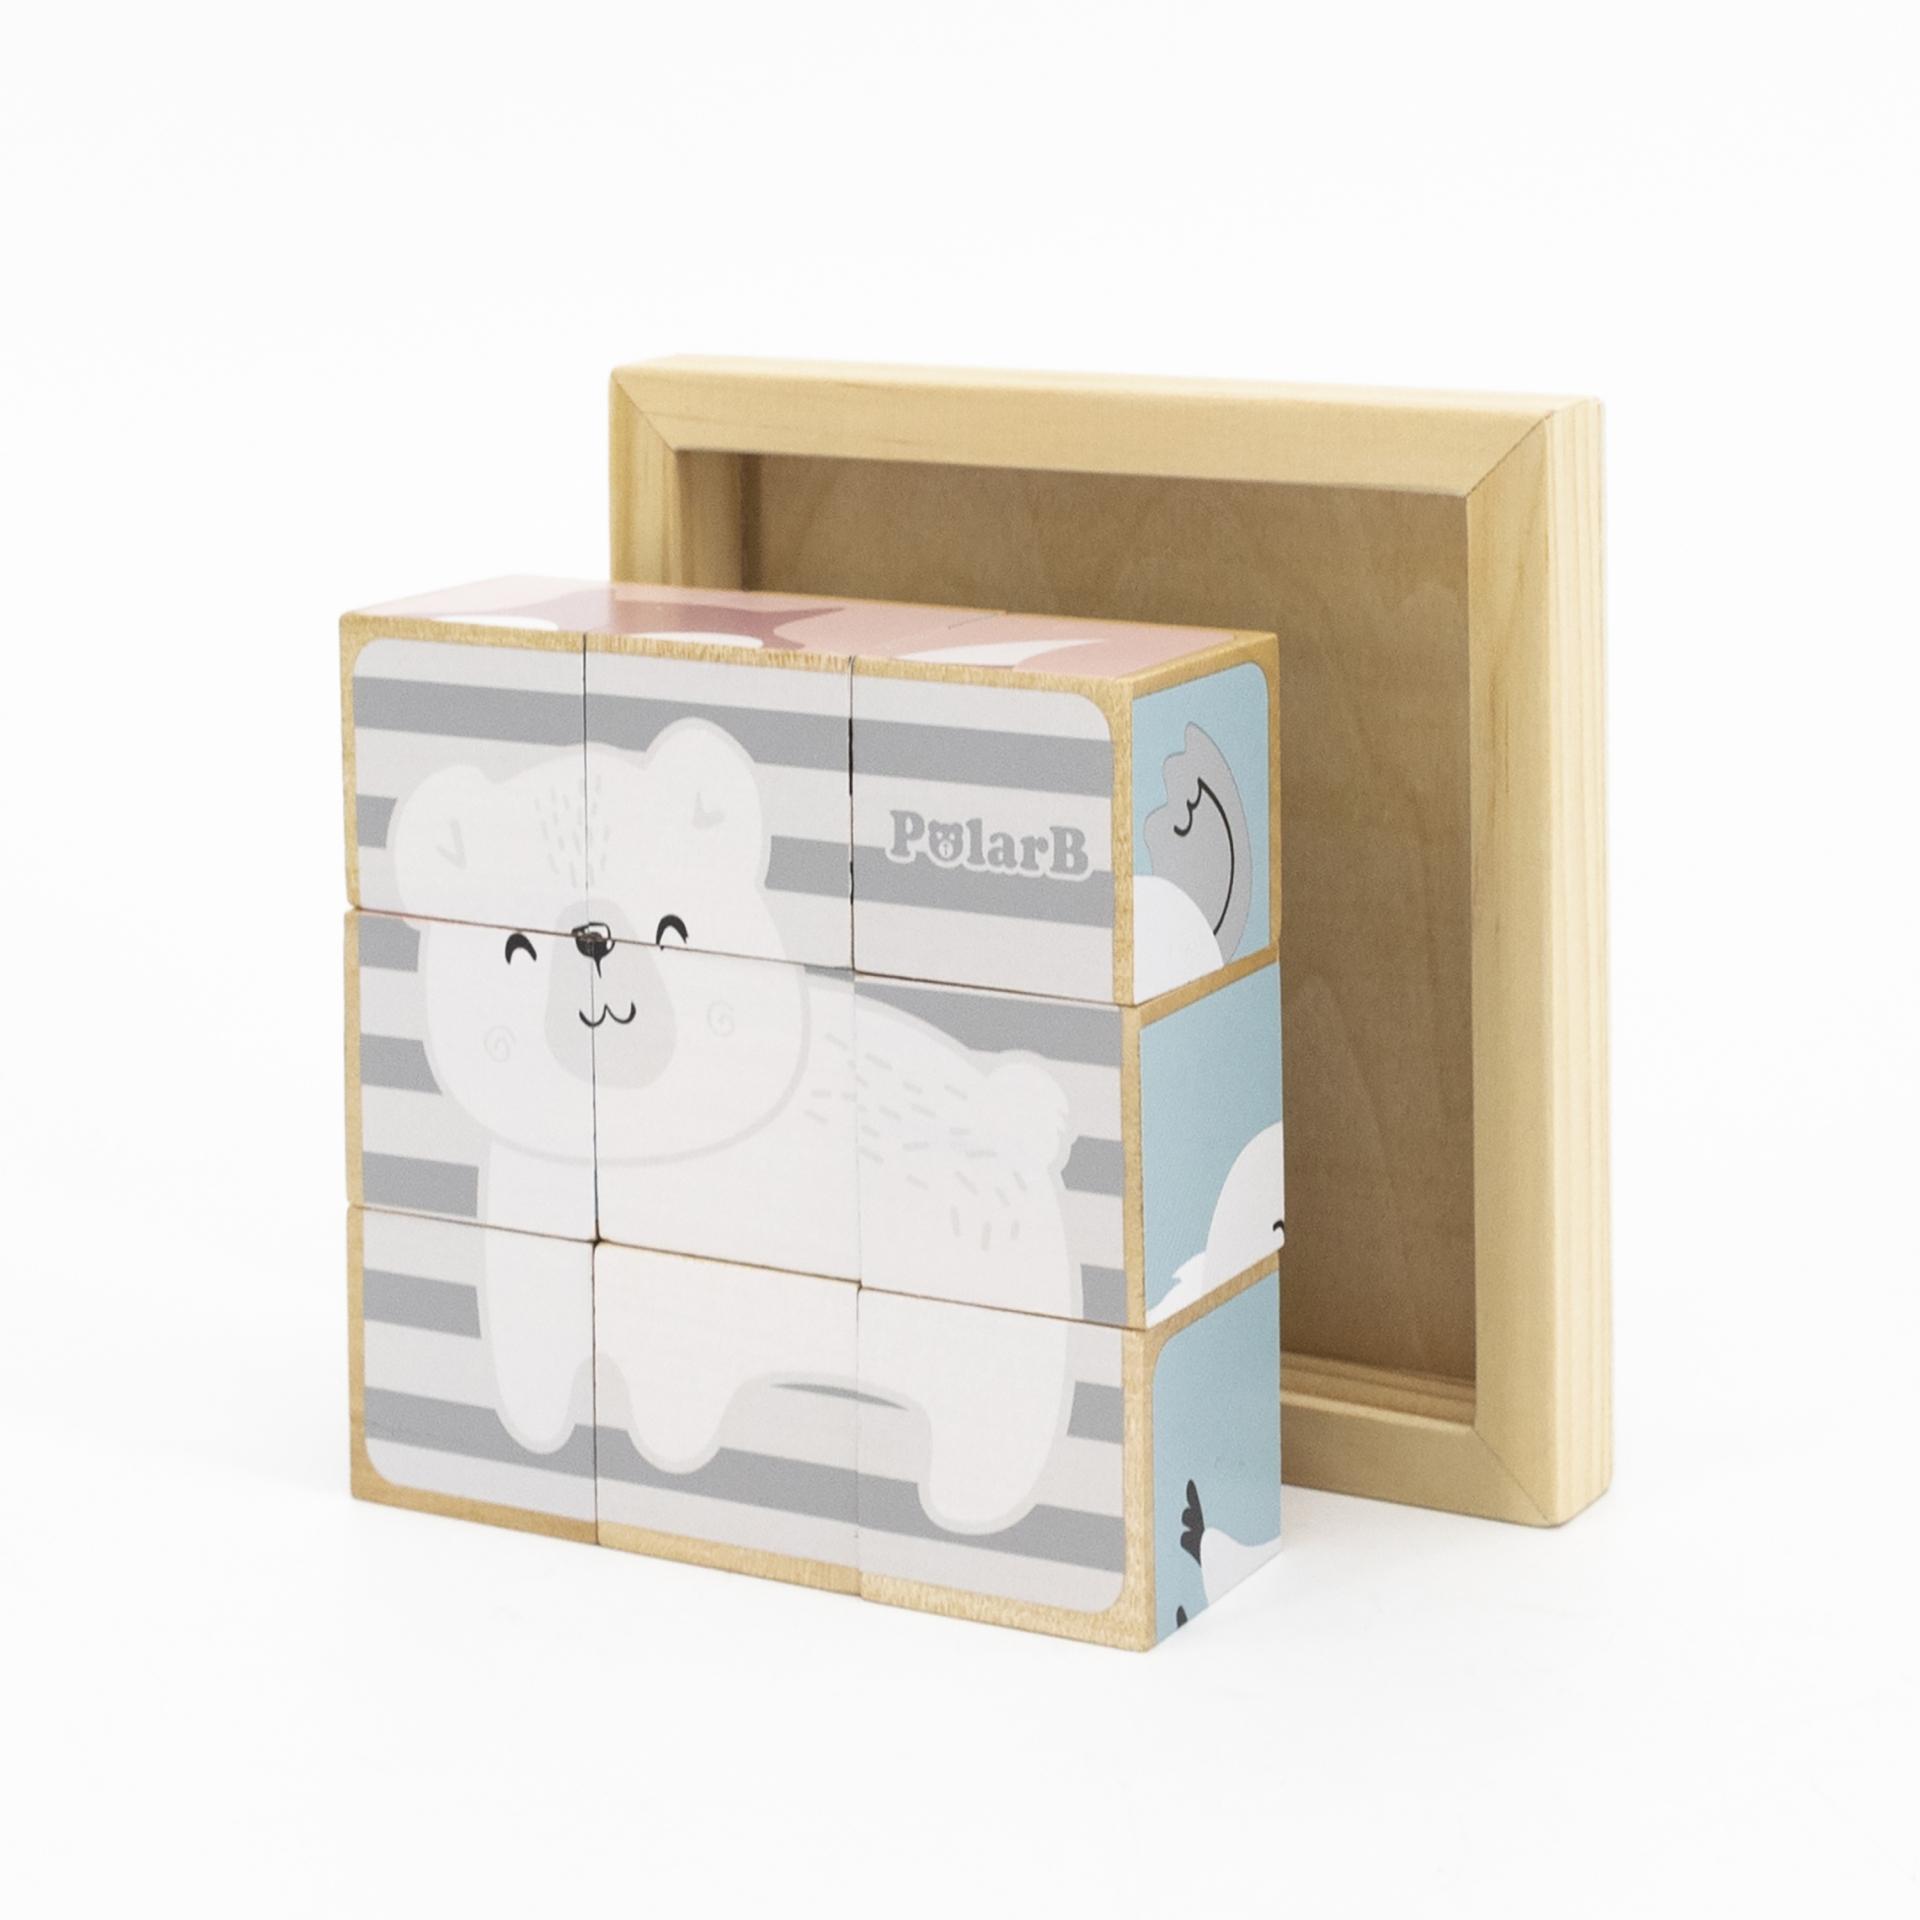 PolarB kuubikpuzzle - 9 klotsi